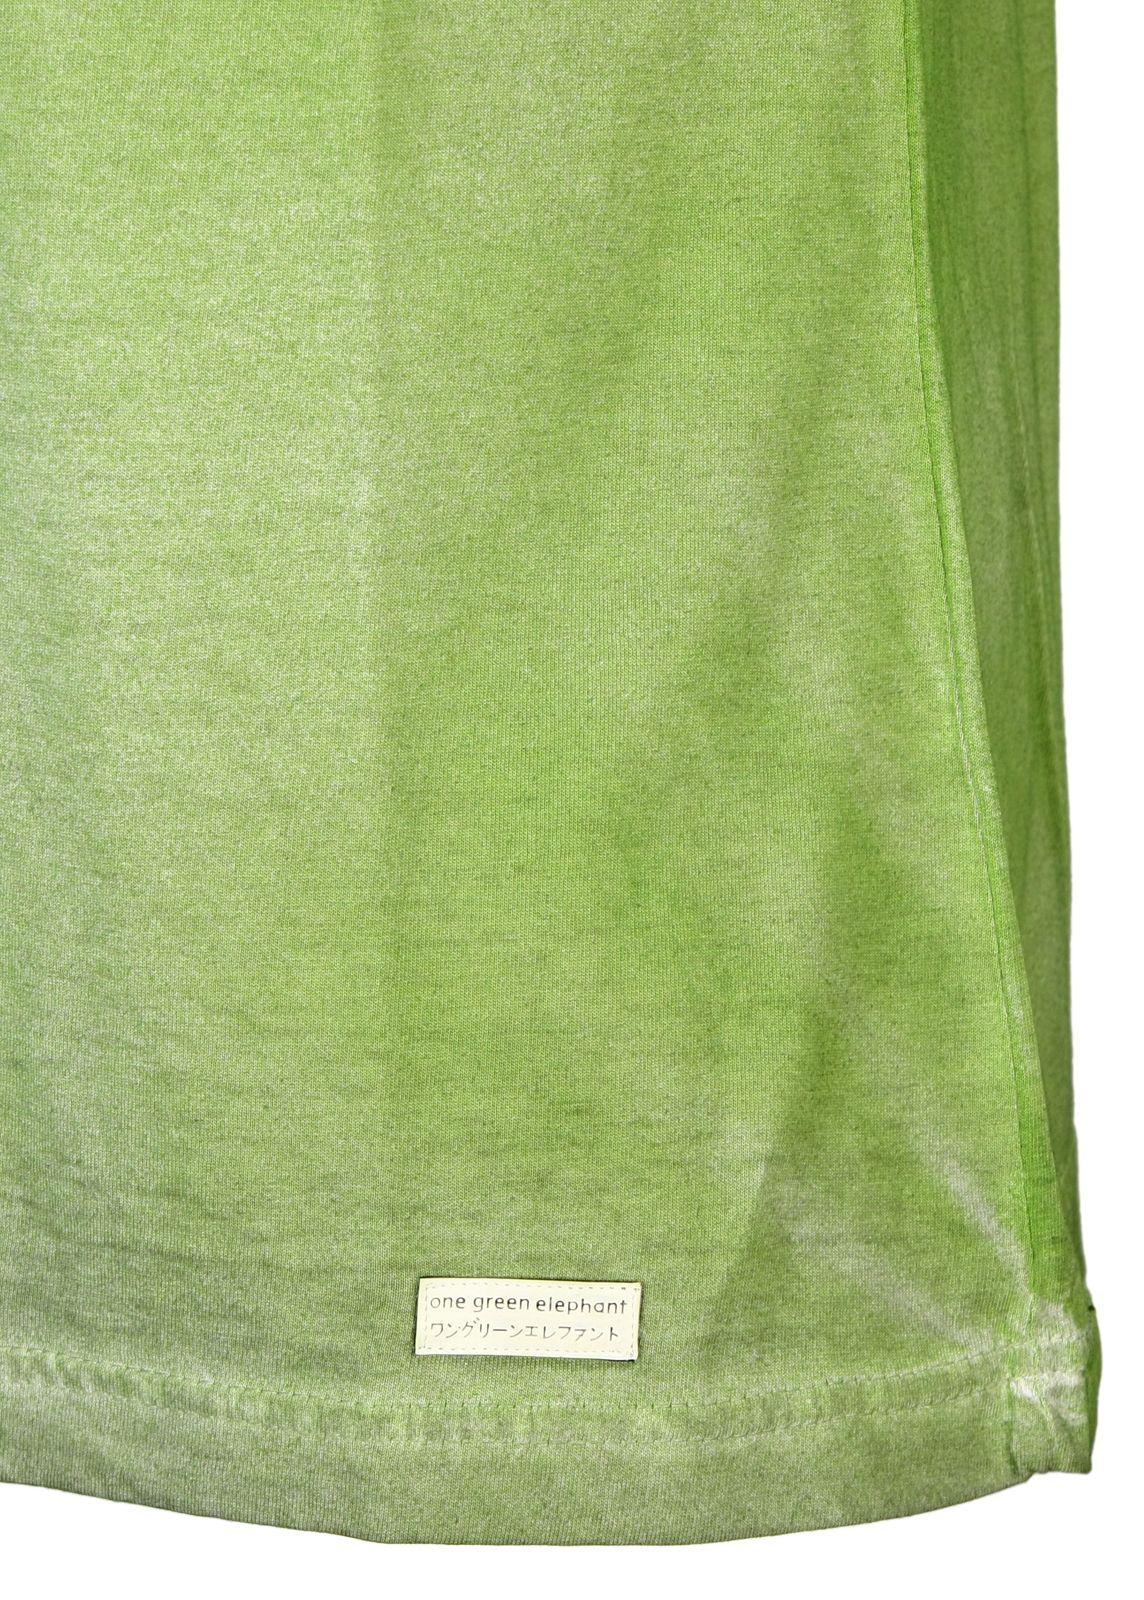 one green elephant tandil fettebeute online shop. Black Bedroom Furniture Sets. Home Design Ideas